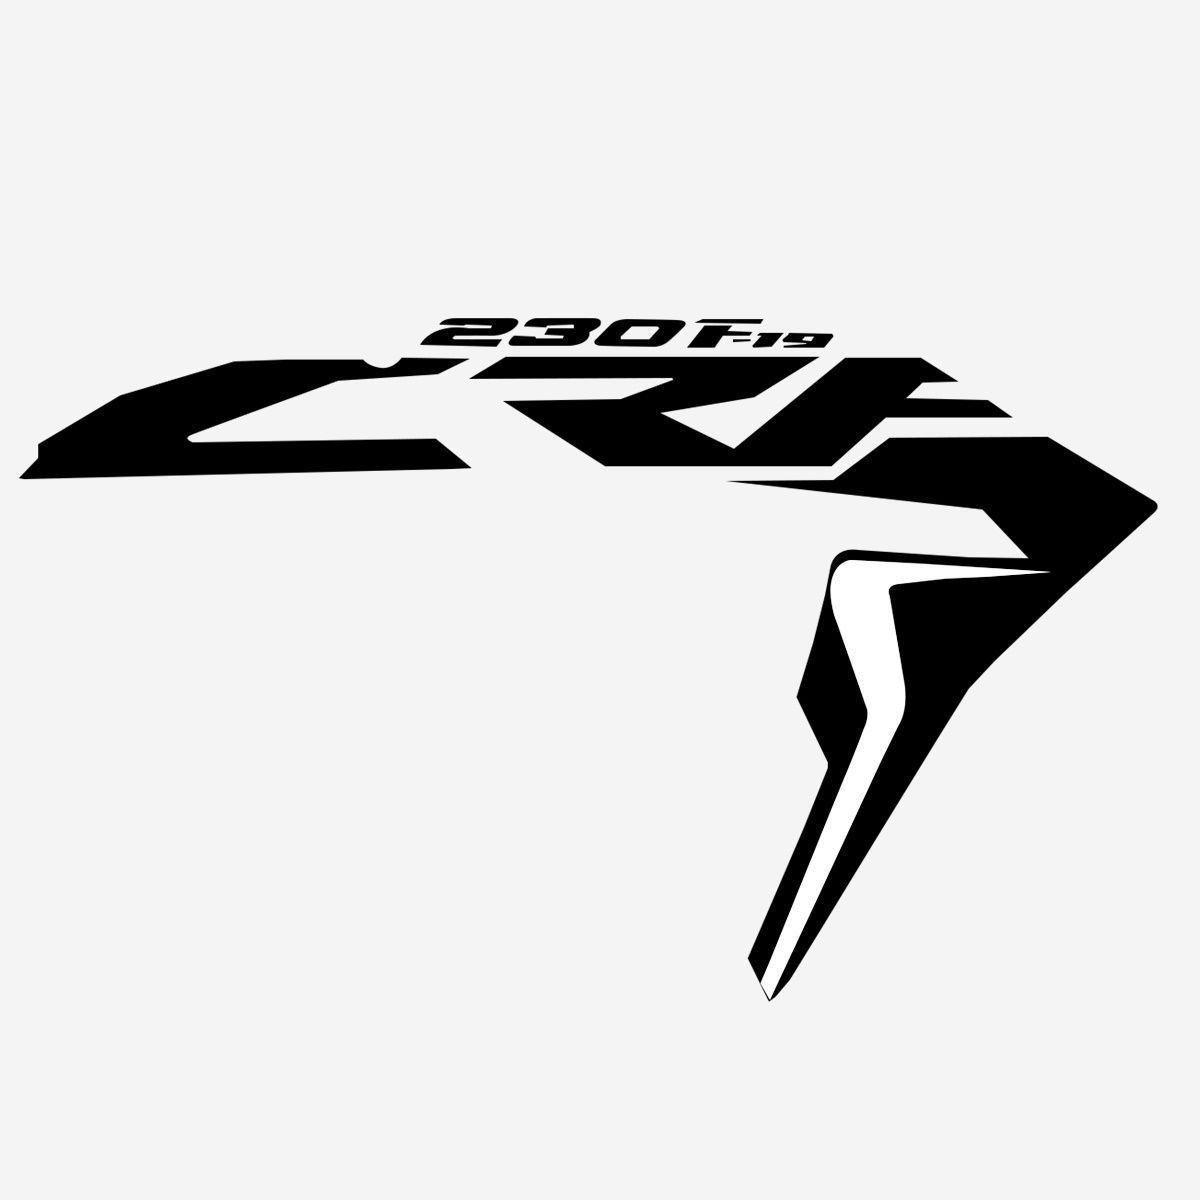 Par De Adesivos Aletas Asa Aba crf 230 Biker F-19 Crf230